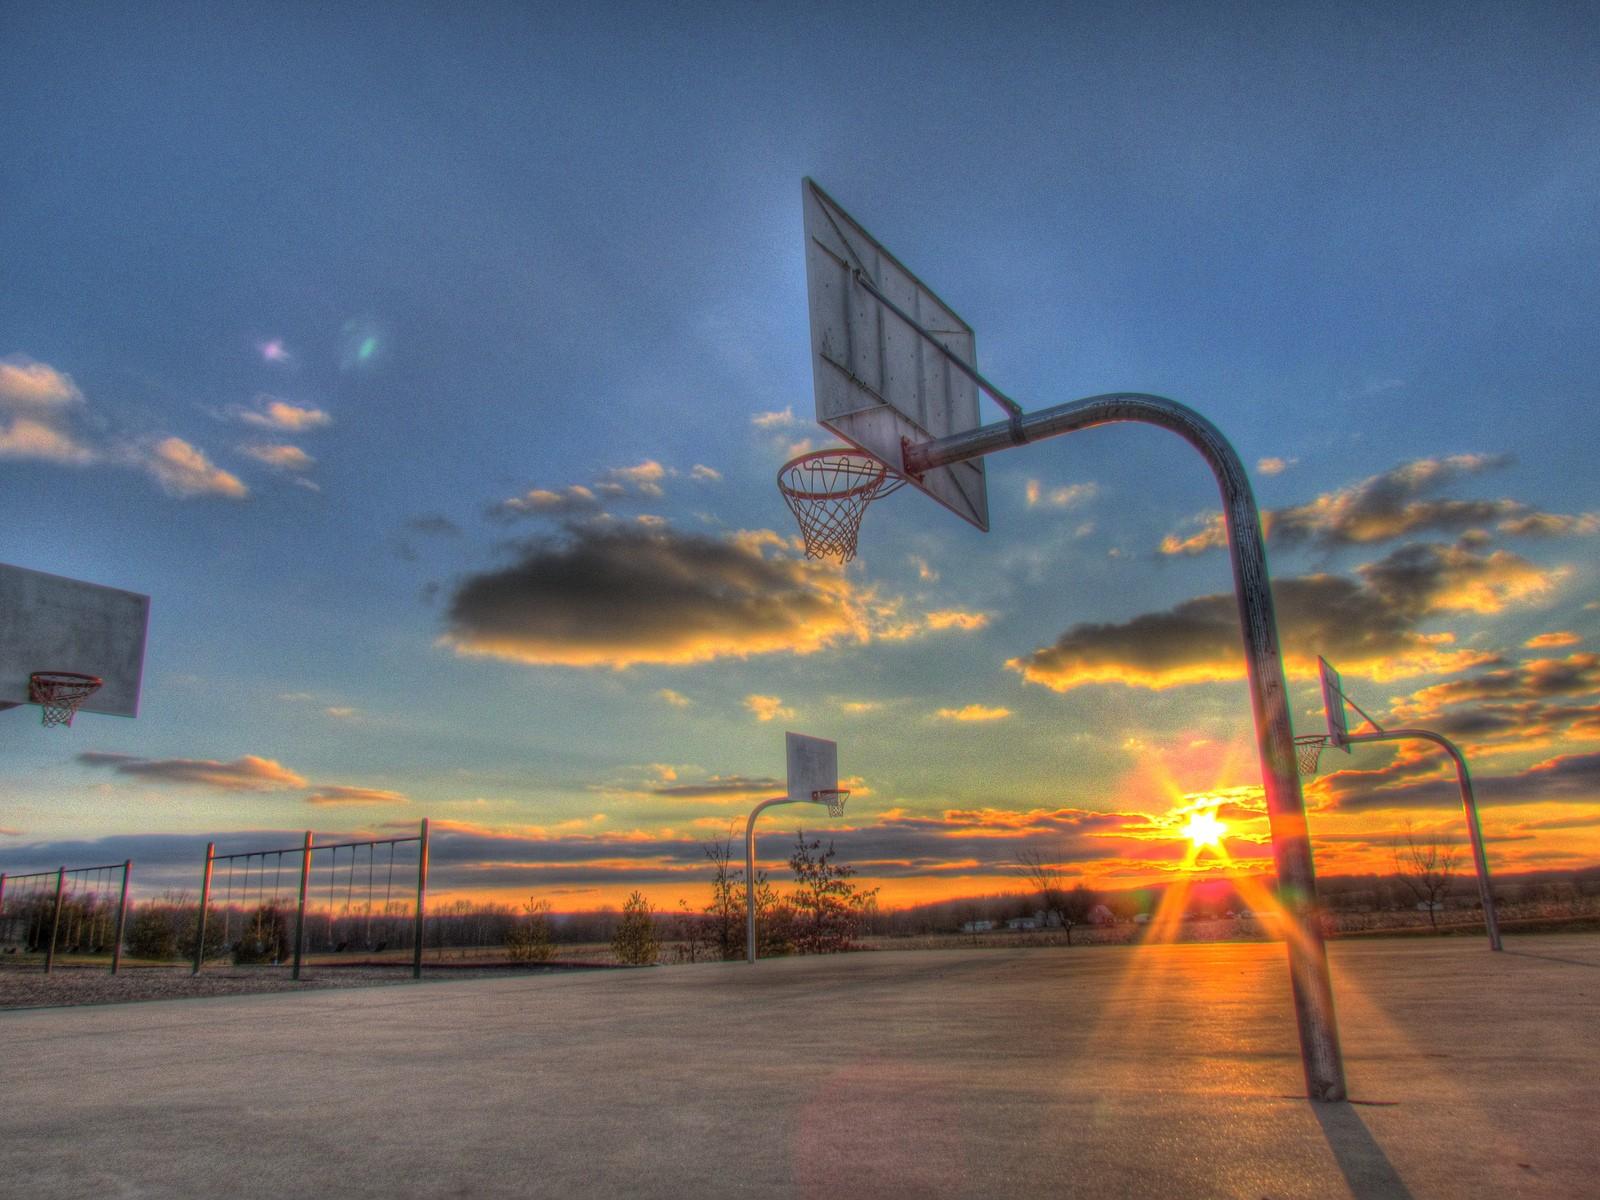 Ảnh sân bóng rổ nhìn thẳng từ trên cao